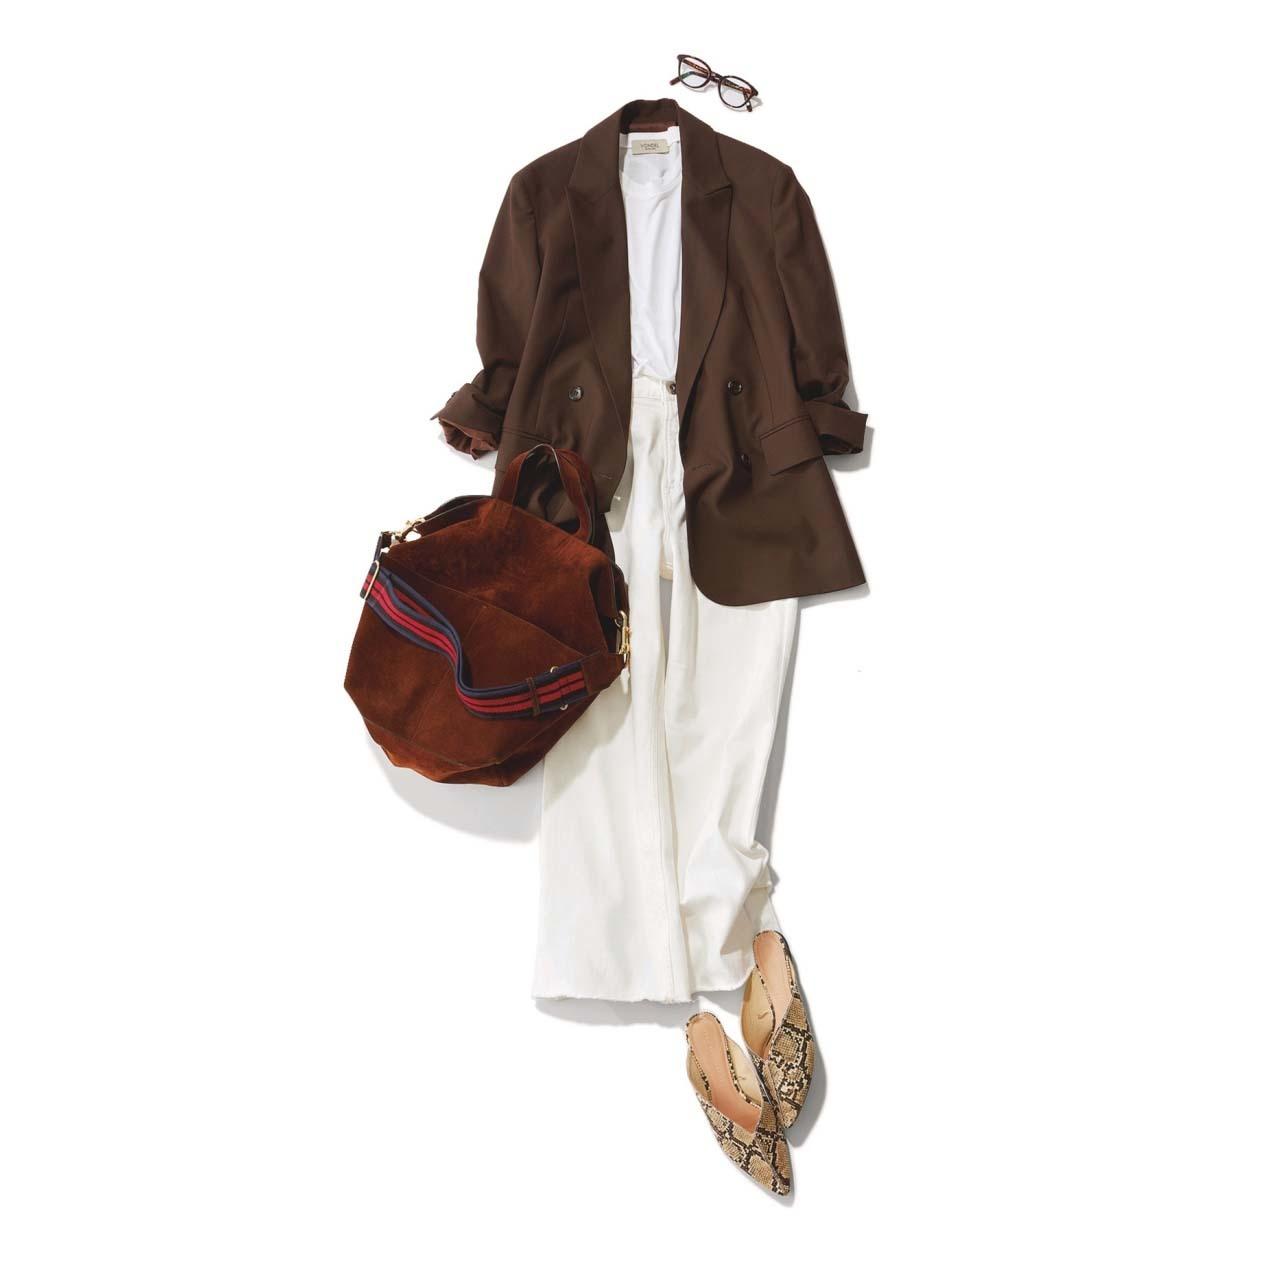 ブラウンのジャケット×白デニムパンツの仕事コーデ